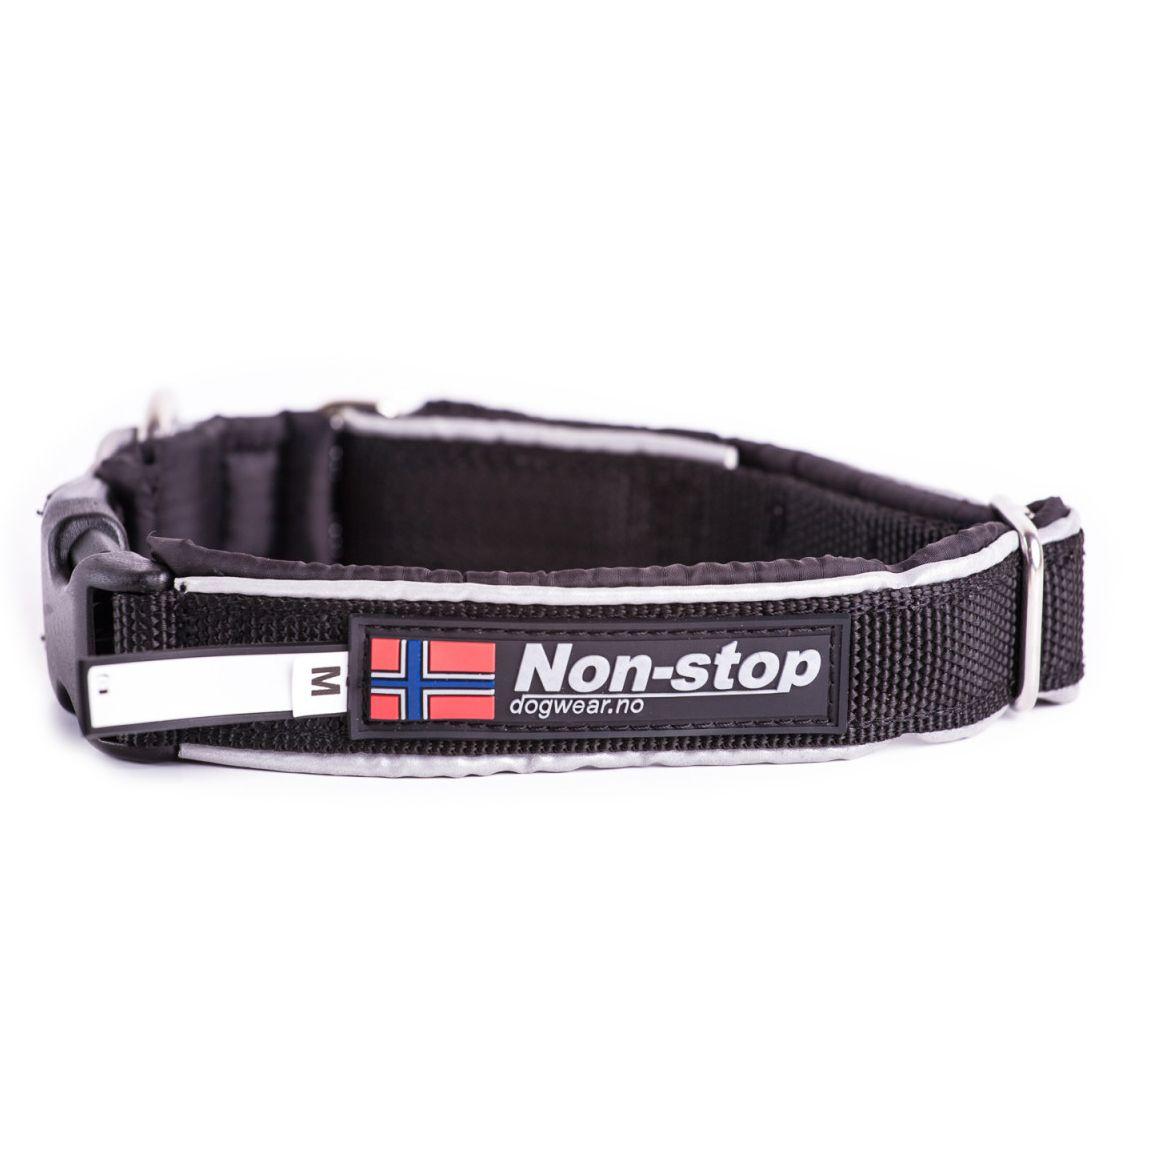 Non-Stop Dogwear Polar Klick Obojek S